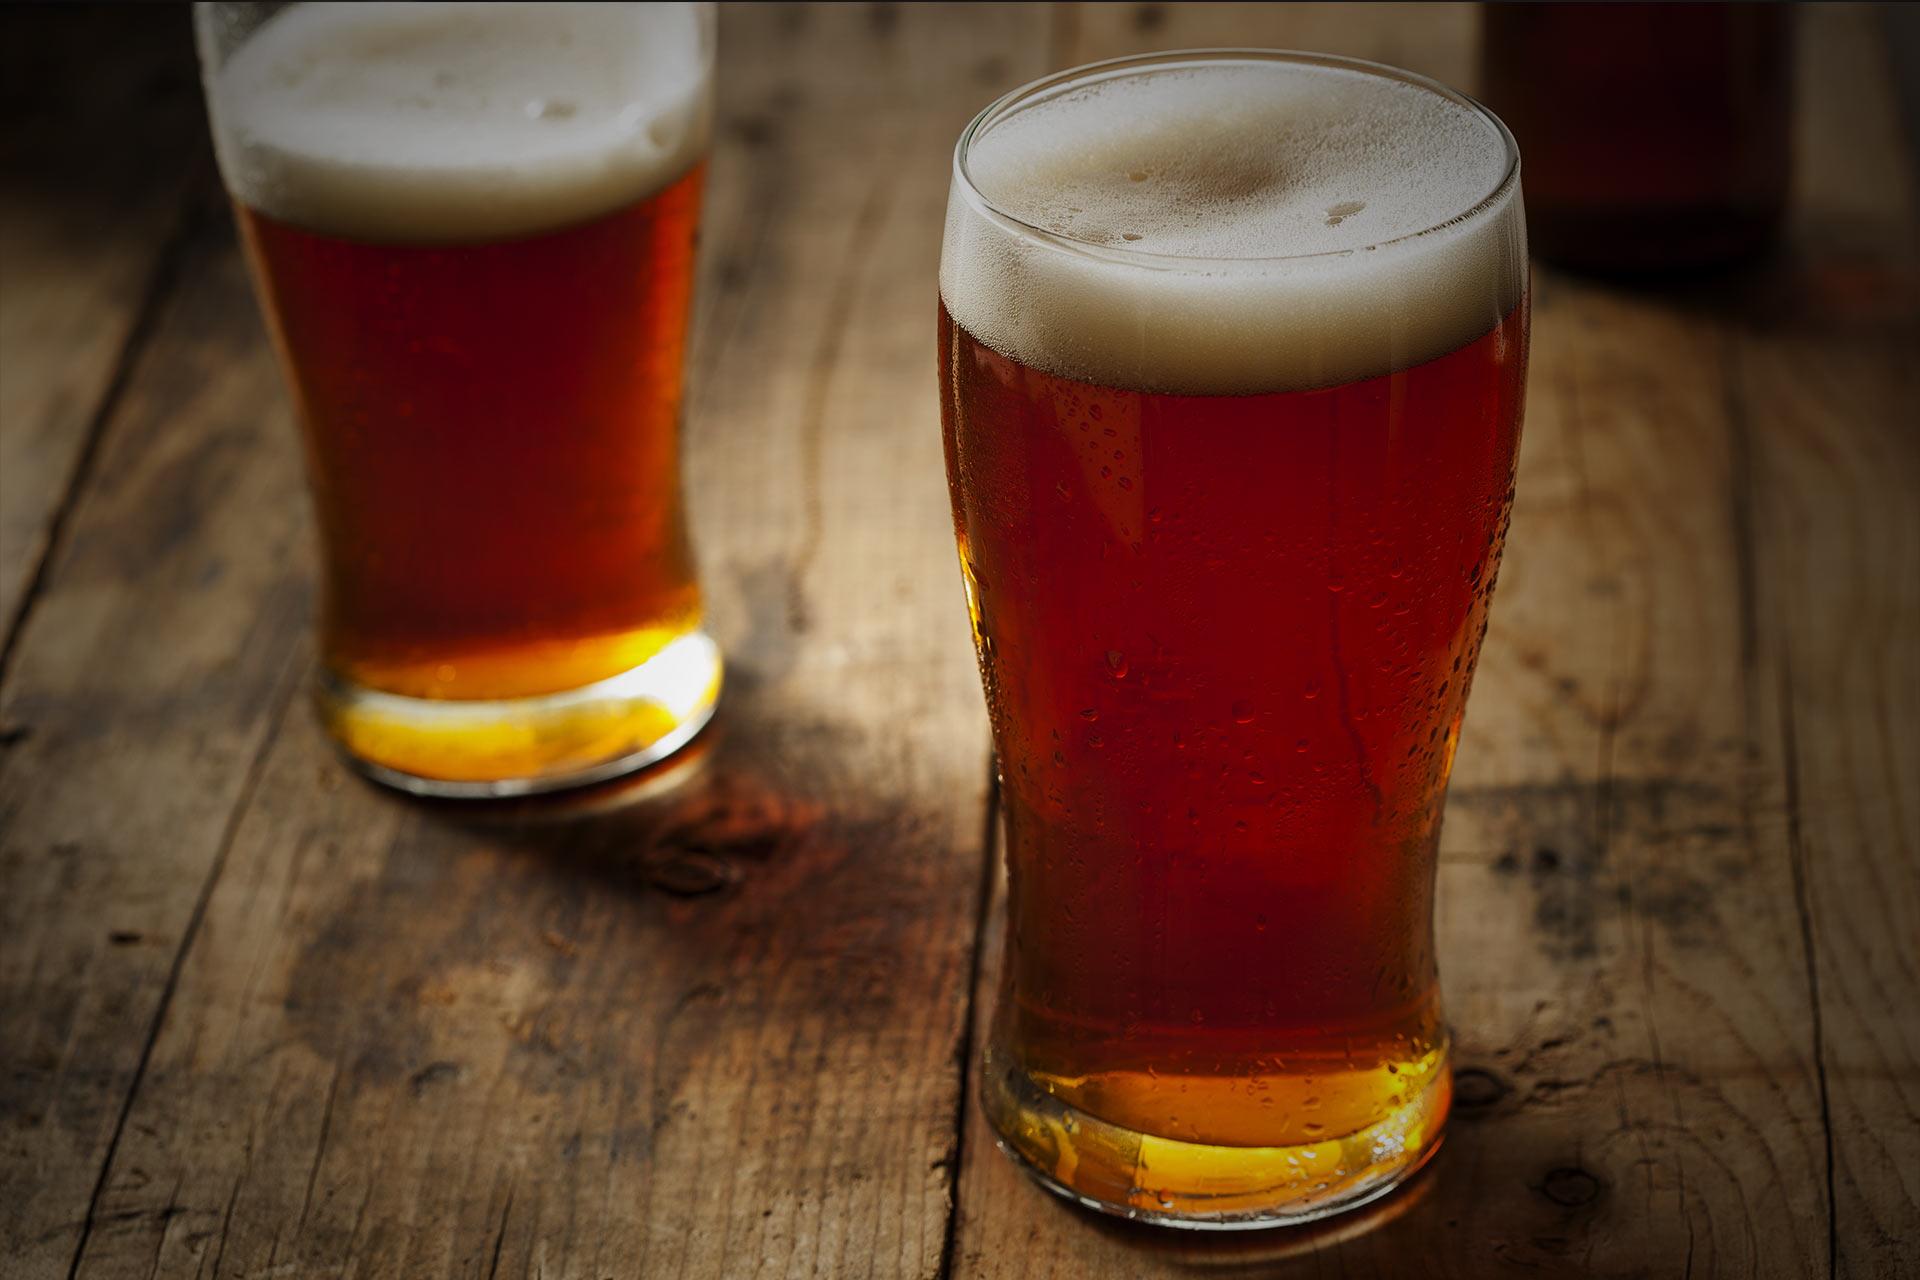 Savourez une bonne bière